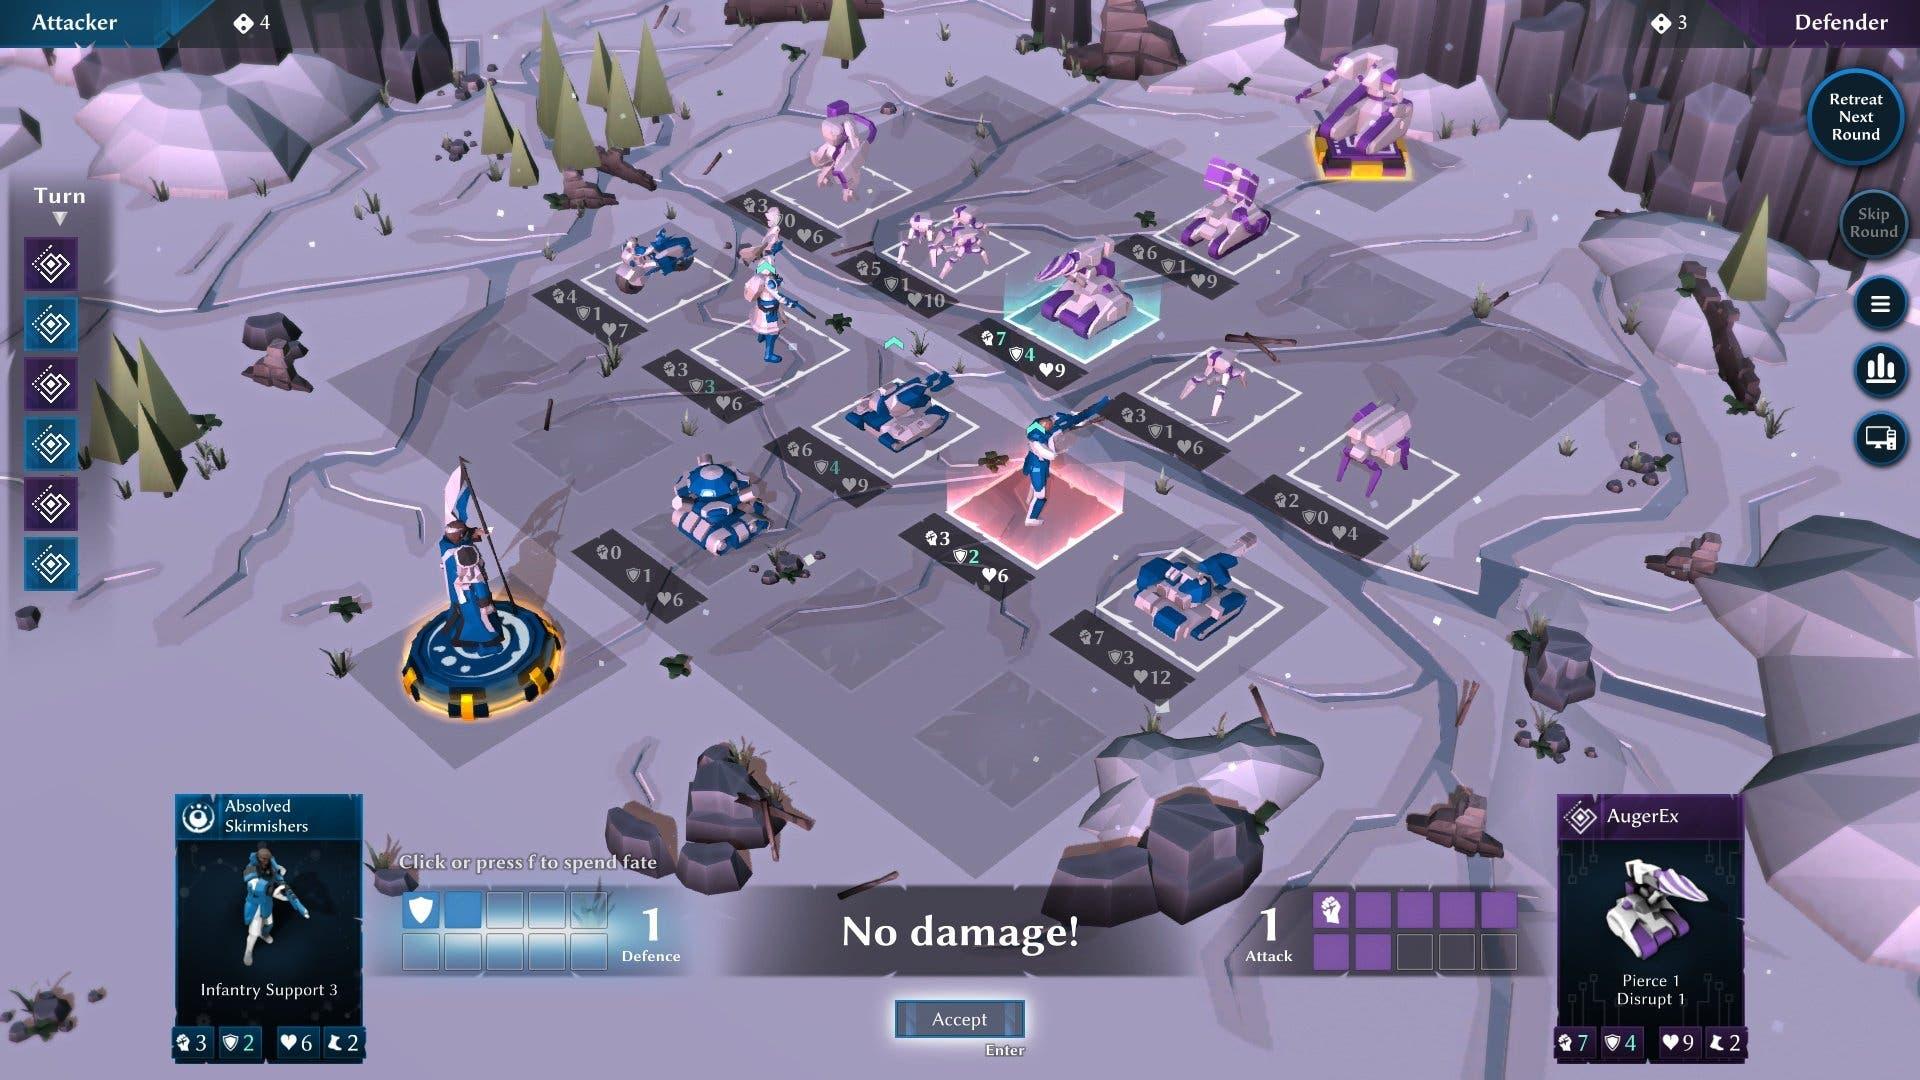 Las batallas tendrán un componente muy táctico